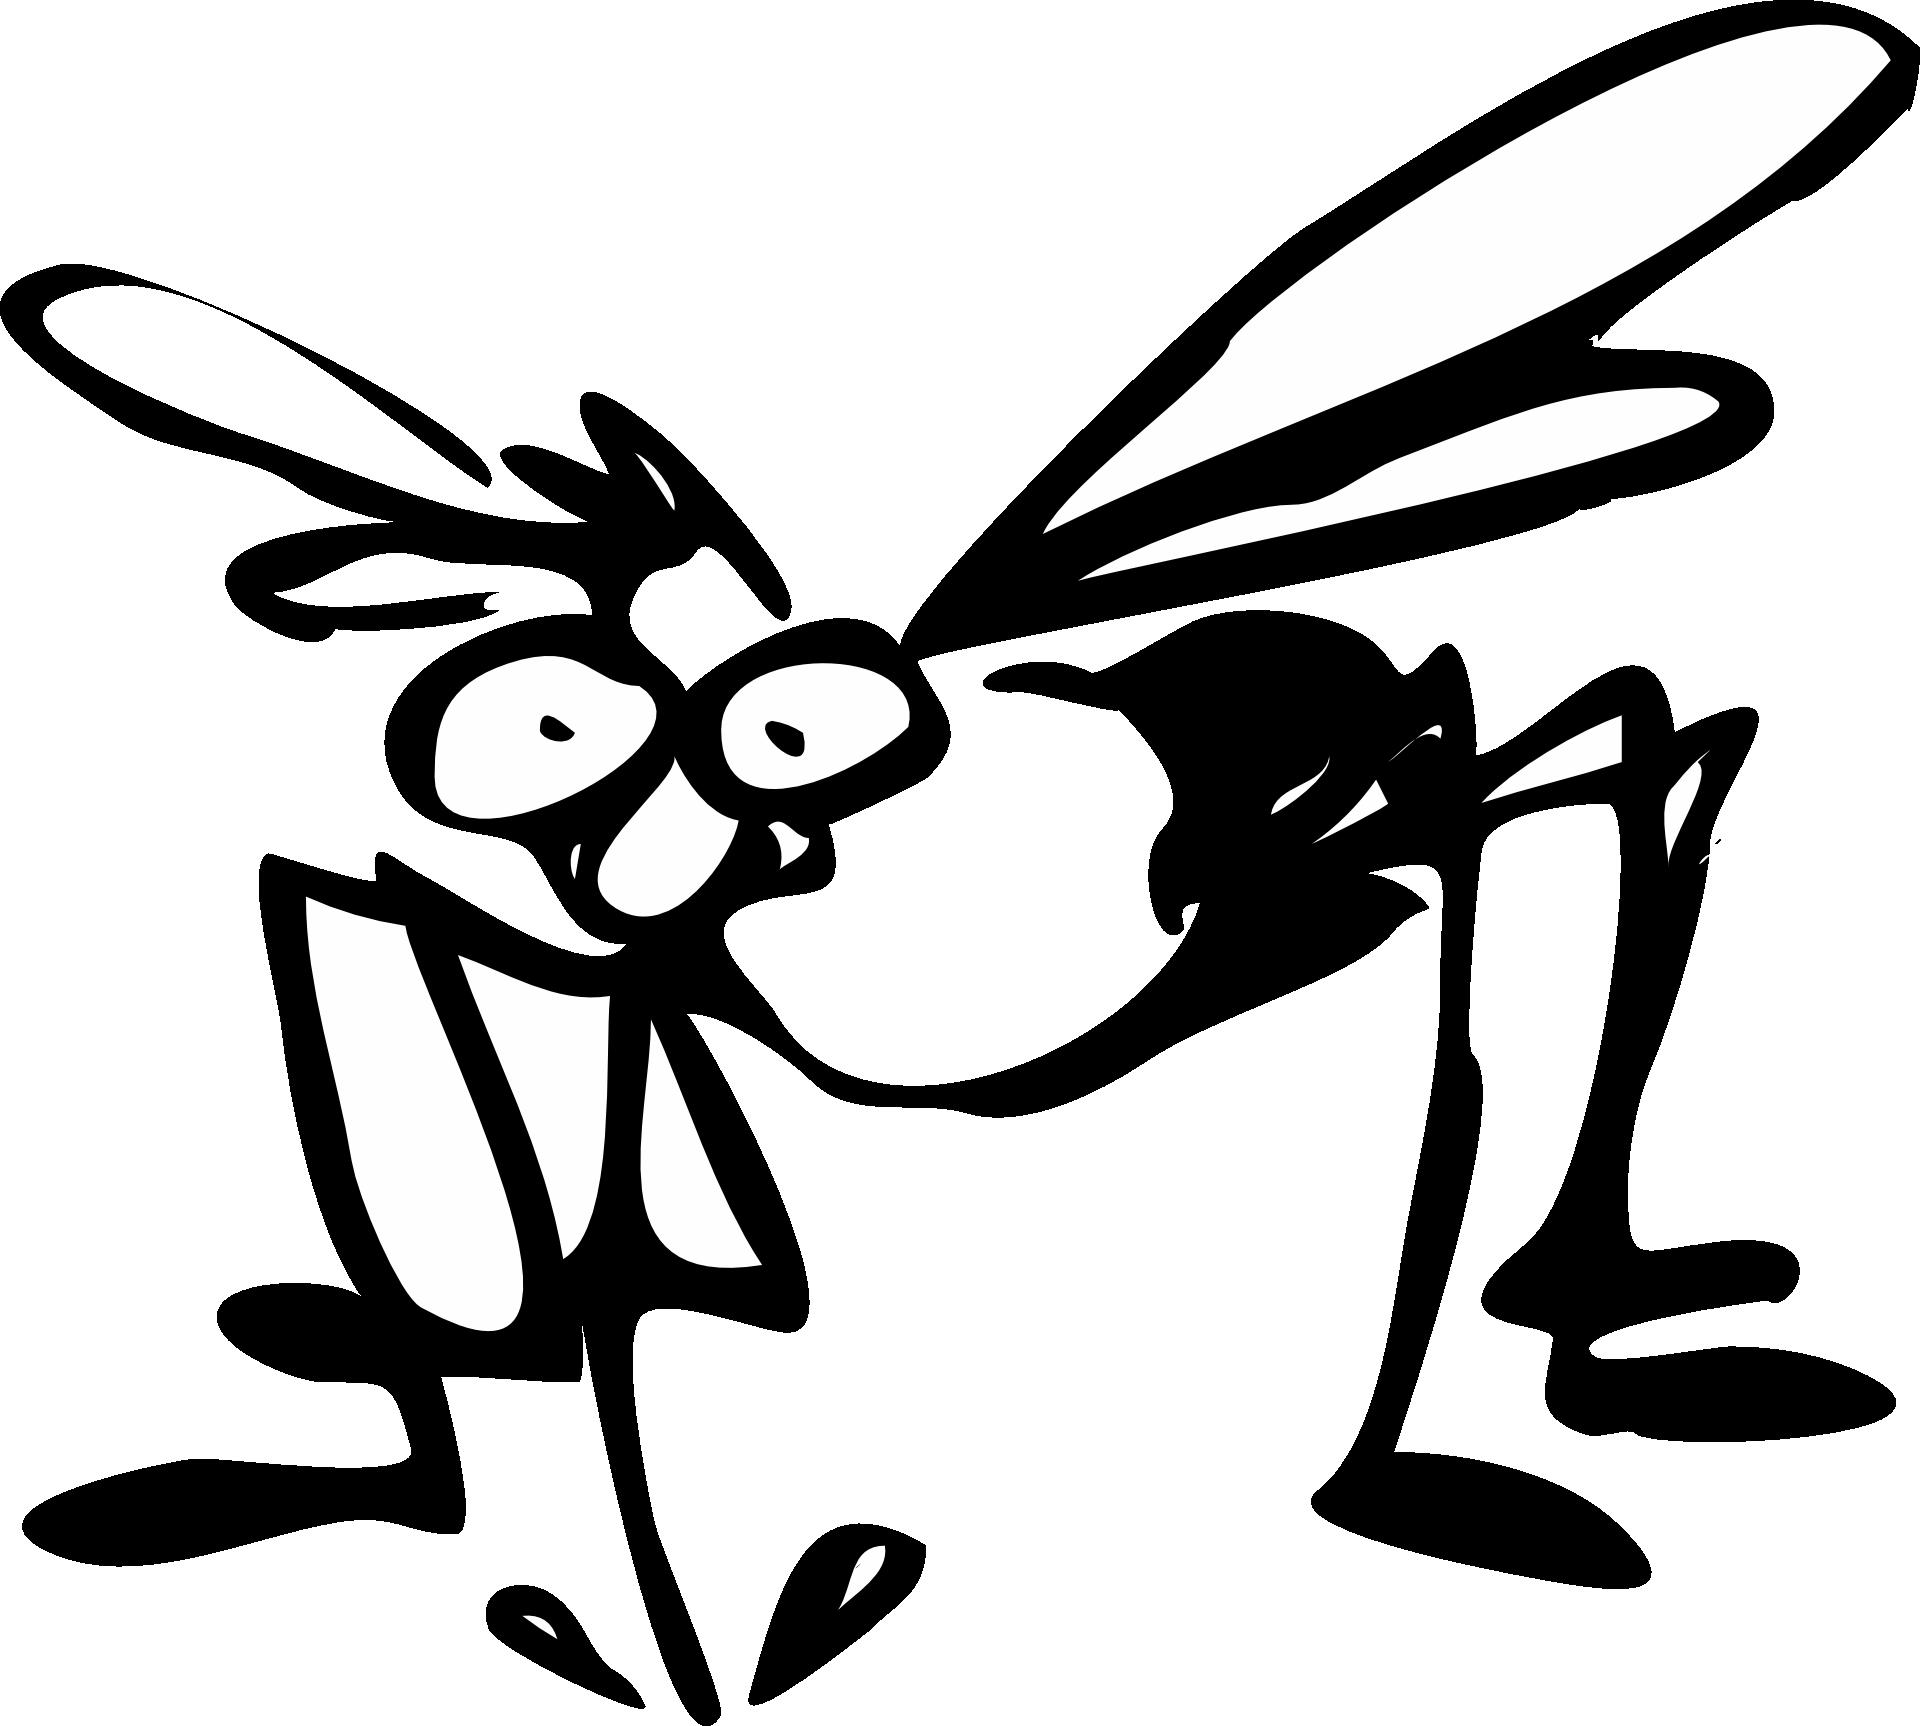 mosquito-48313